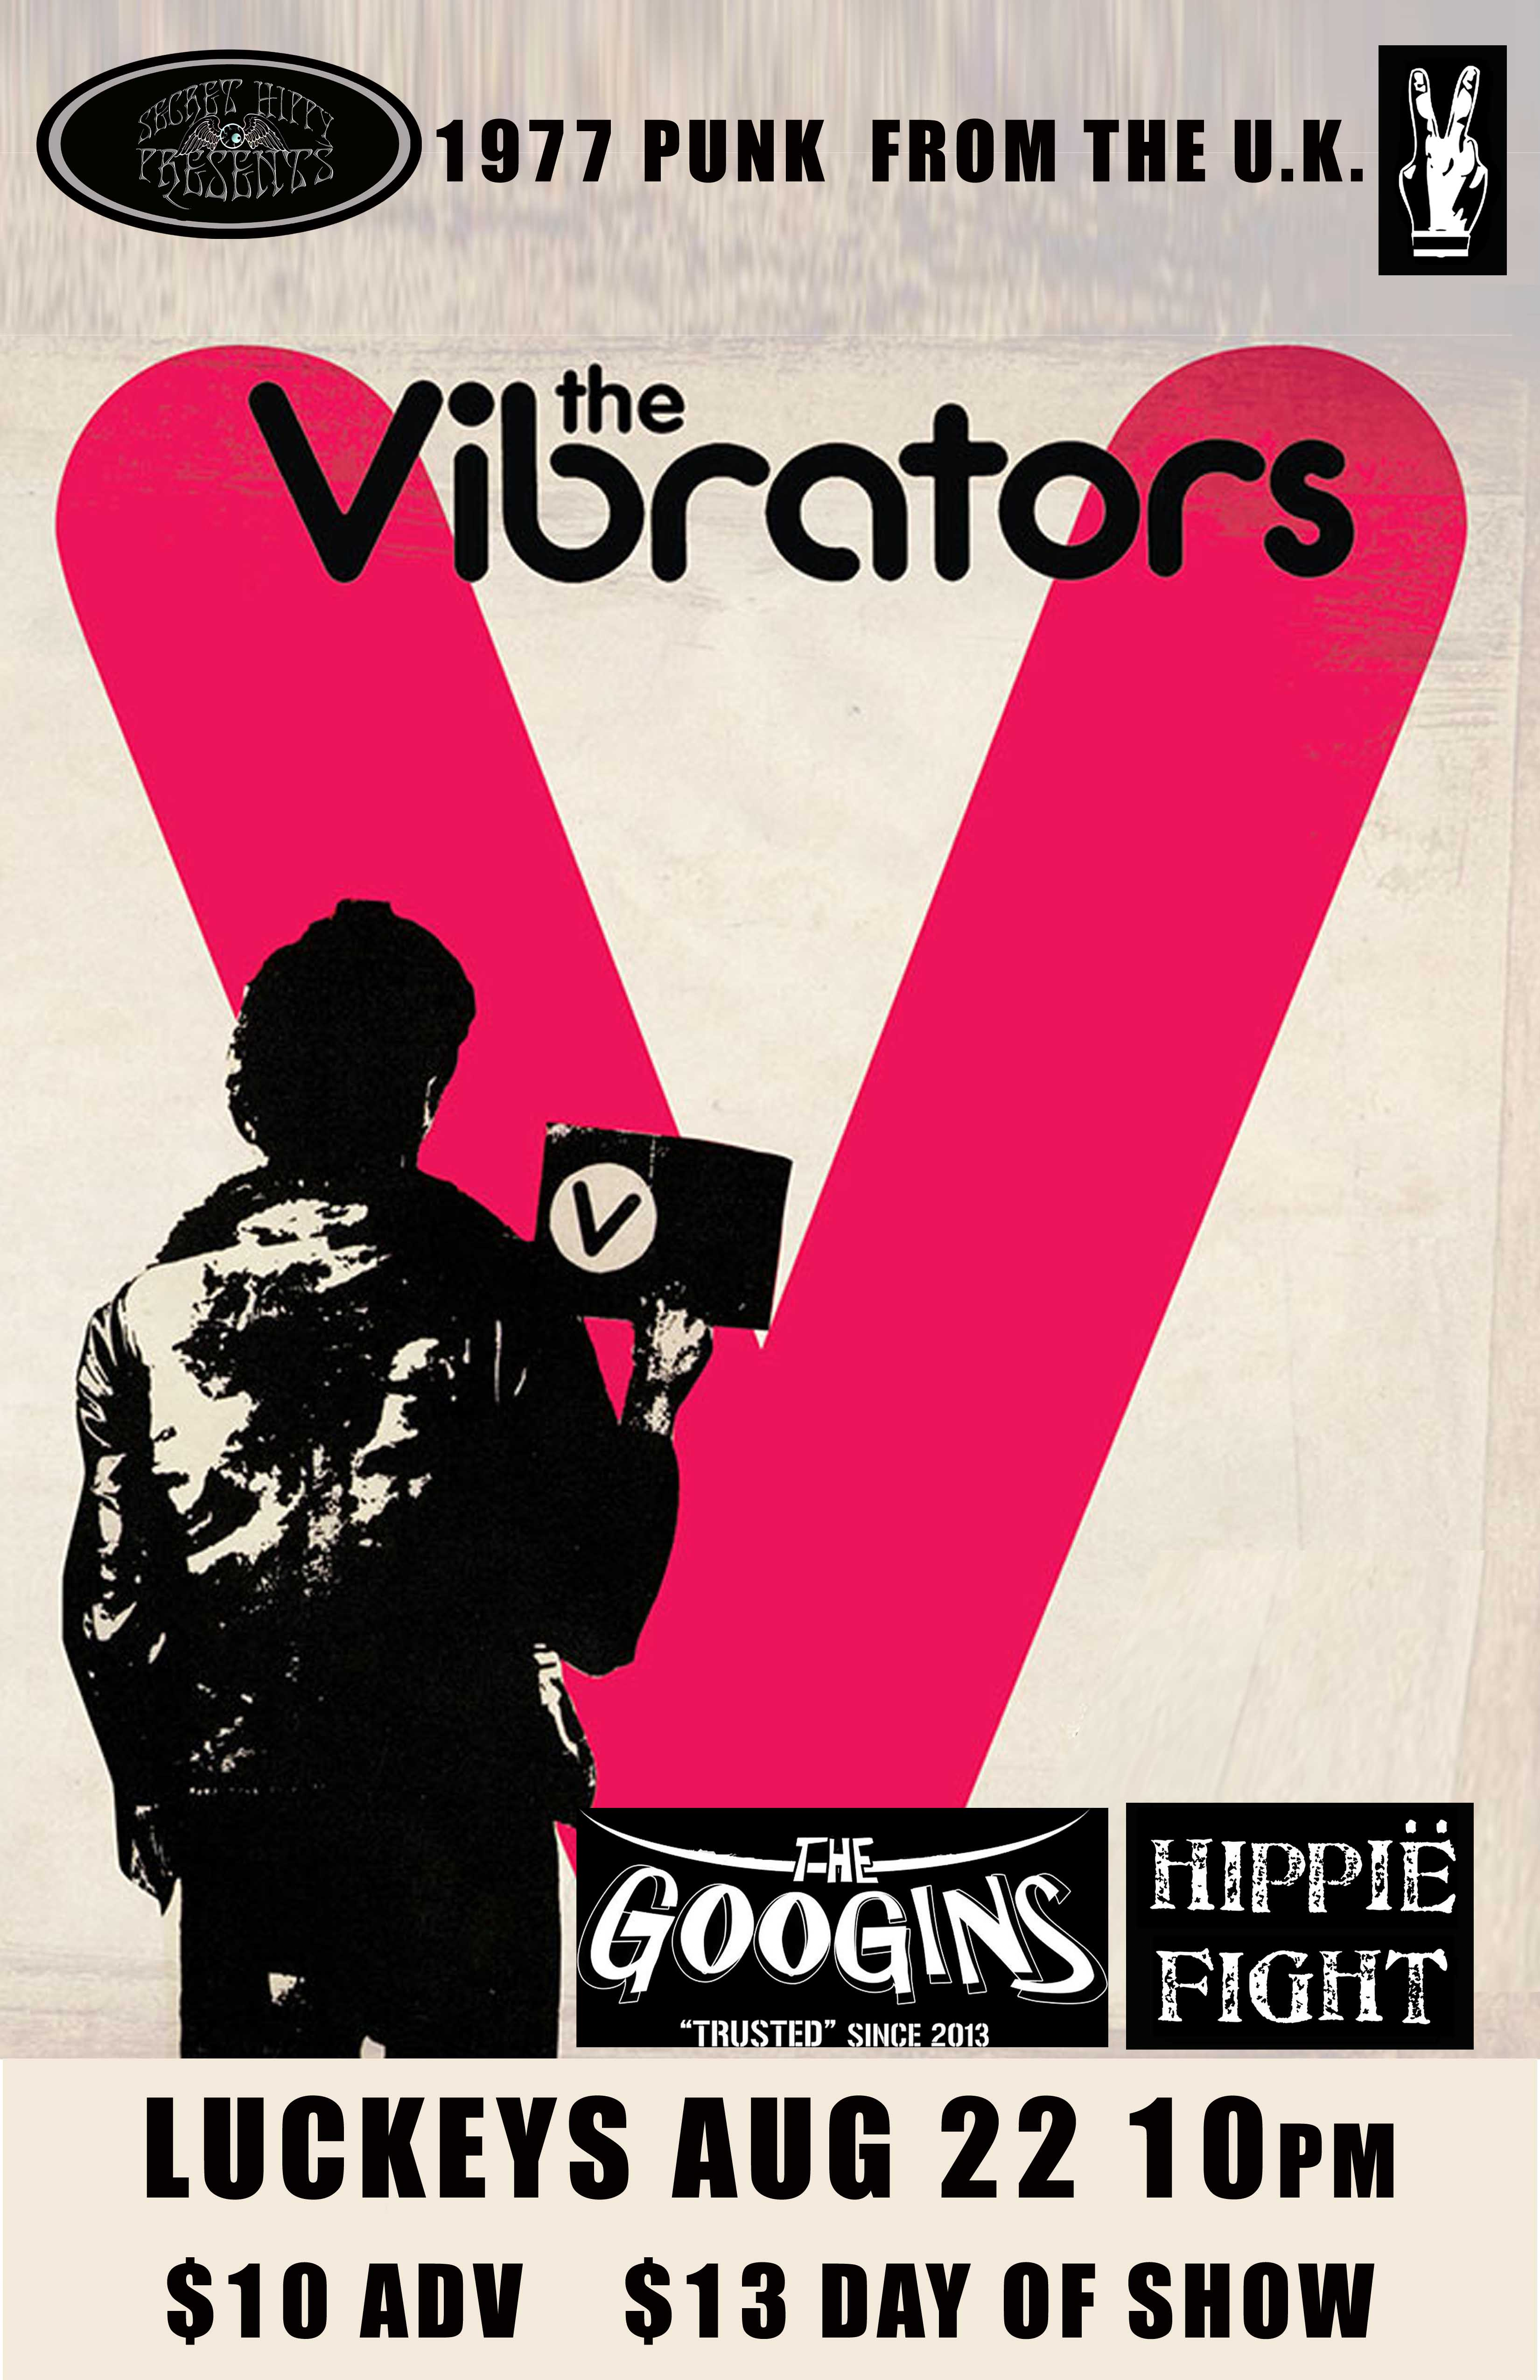 The Vibrators!